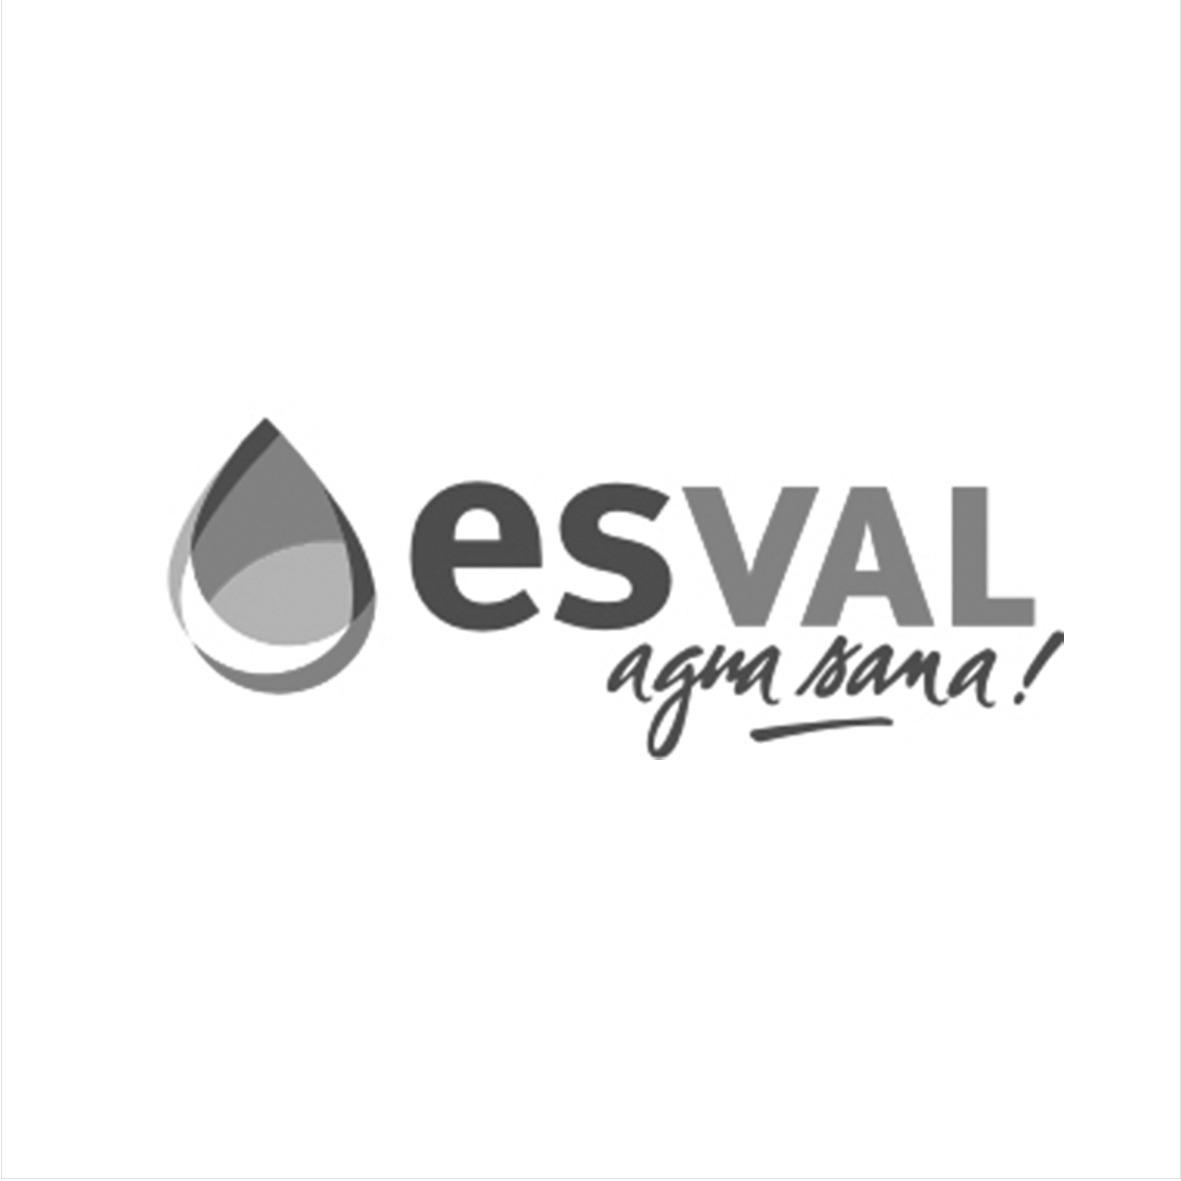 ESVAL_edited